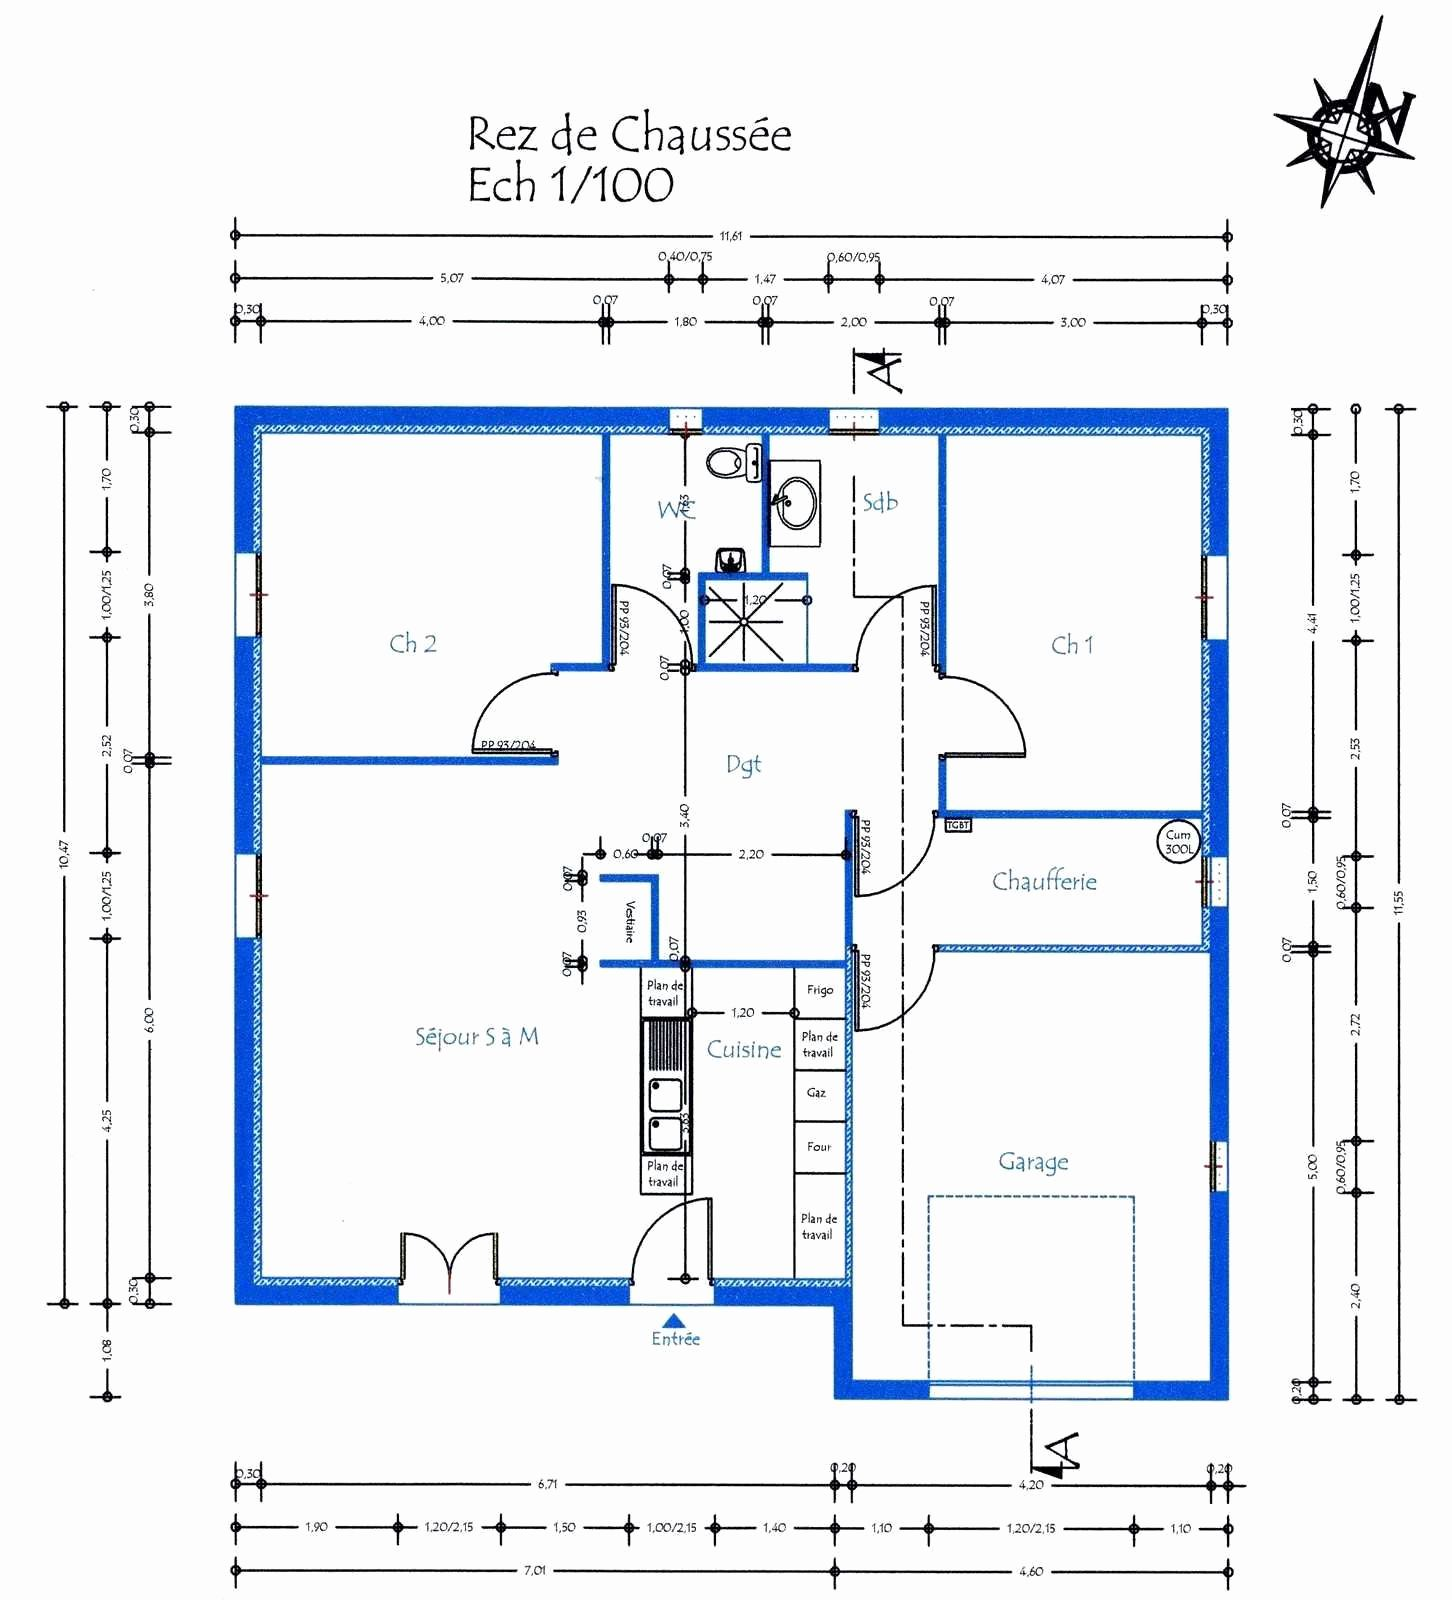 Logiciel Installation Electrique Maison Gratuit Elegant Logiciel Dessin Maison Gratuit Plan De Plan De Maison Gratuit Plan De Maison Fonctionnelle Plan Maison